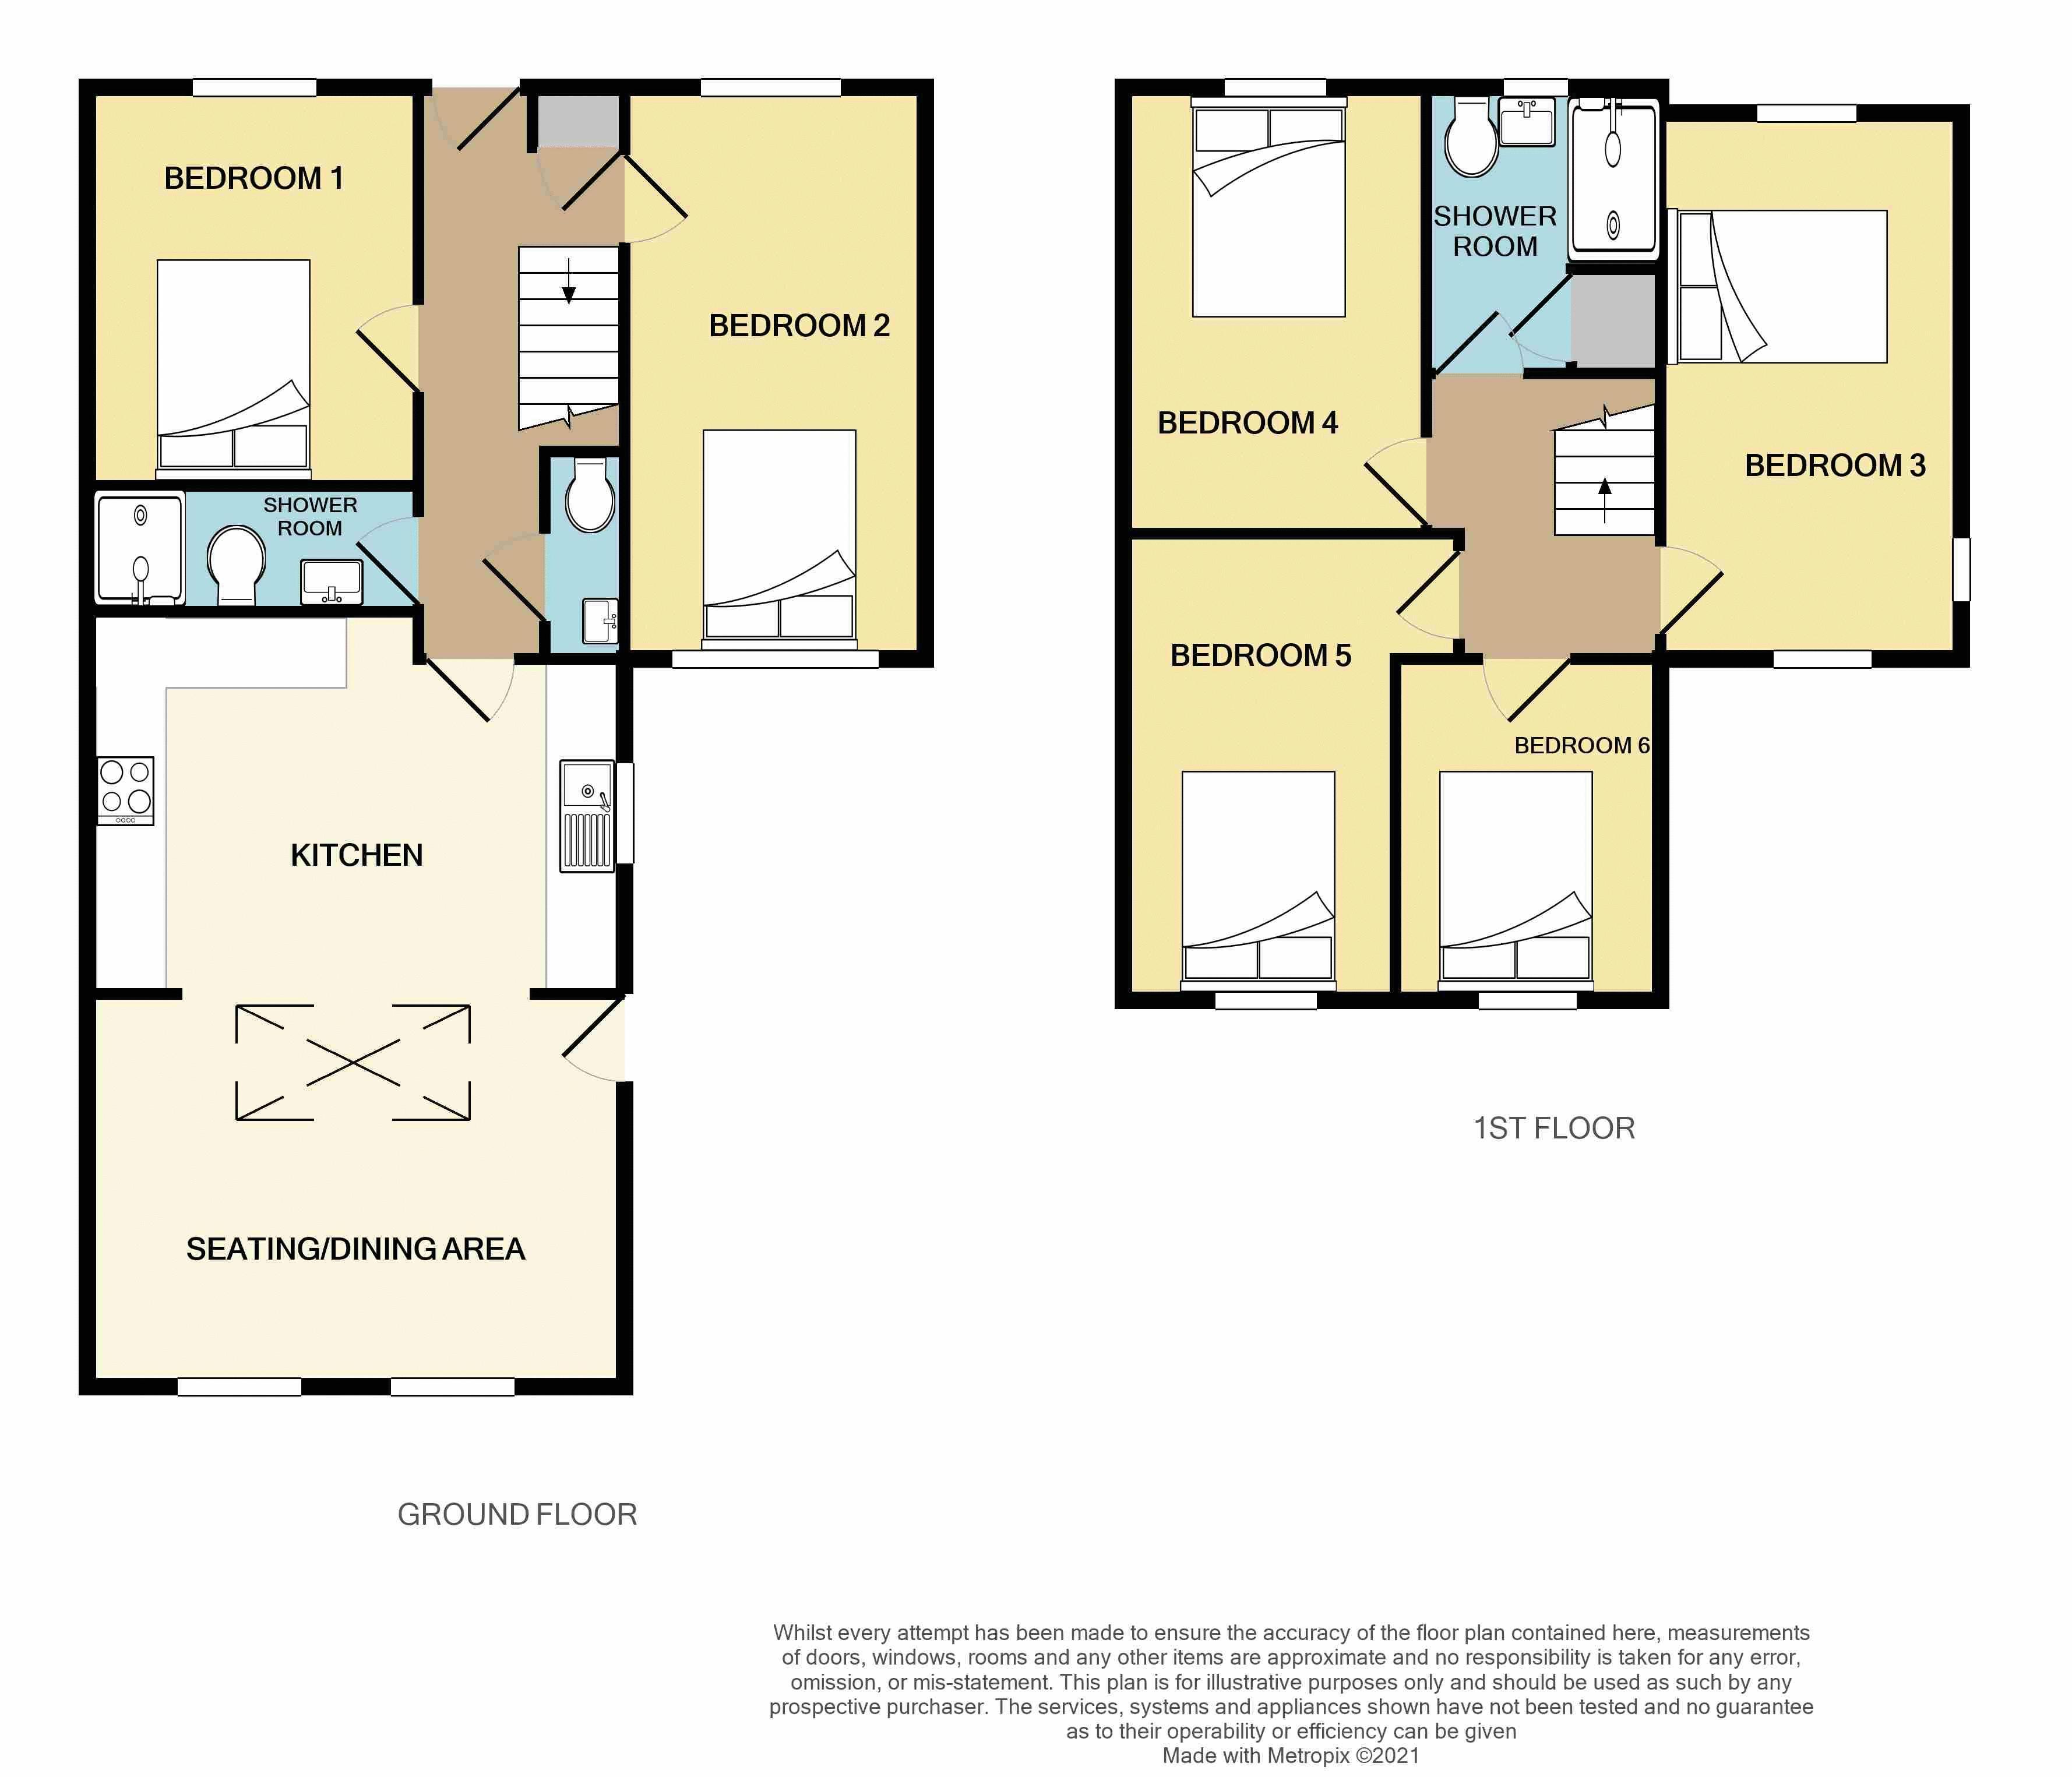 Room 5, Bishop Westall Road, Exeter floorplan